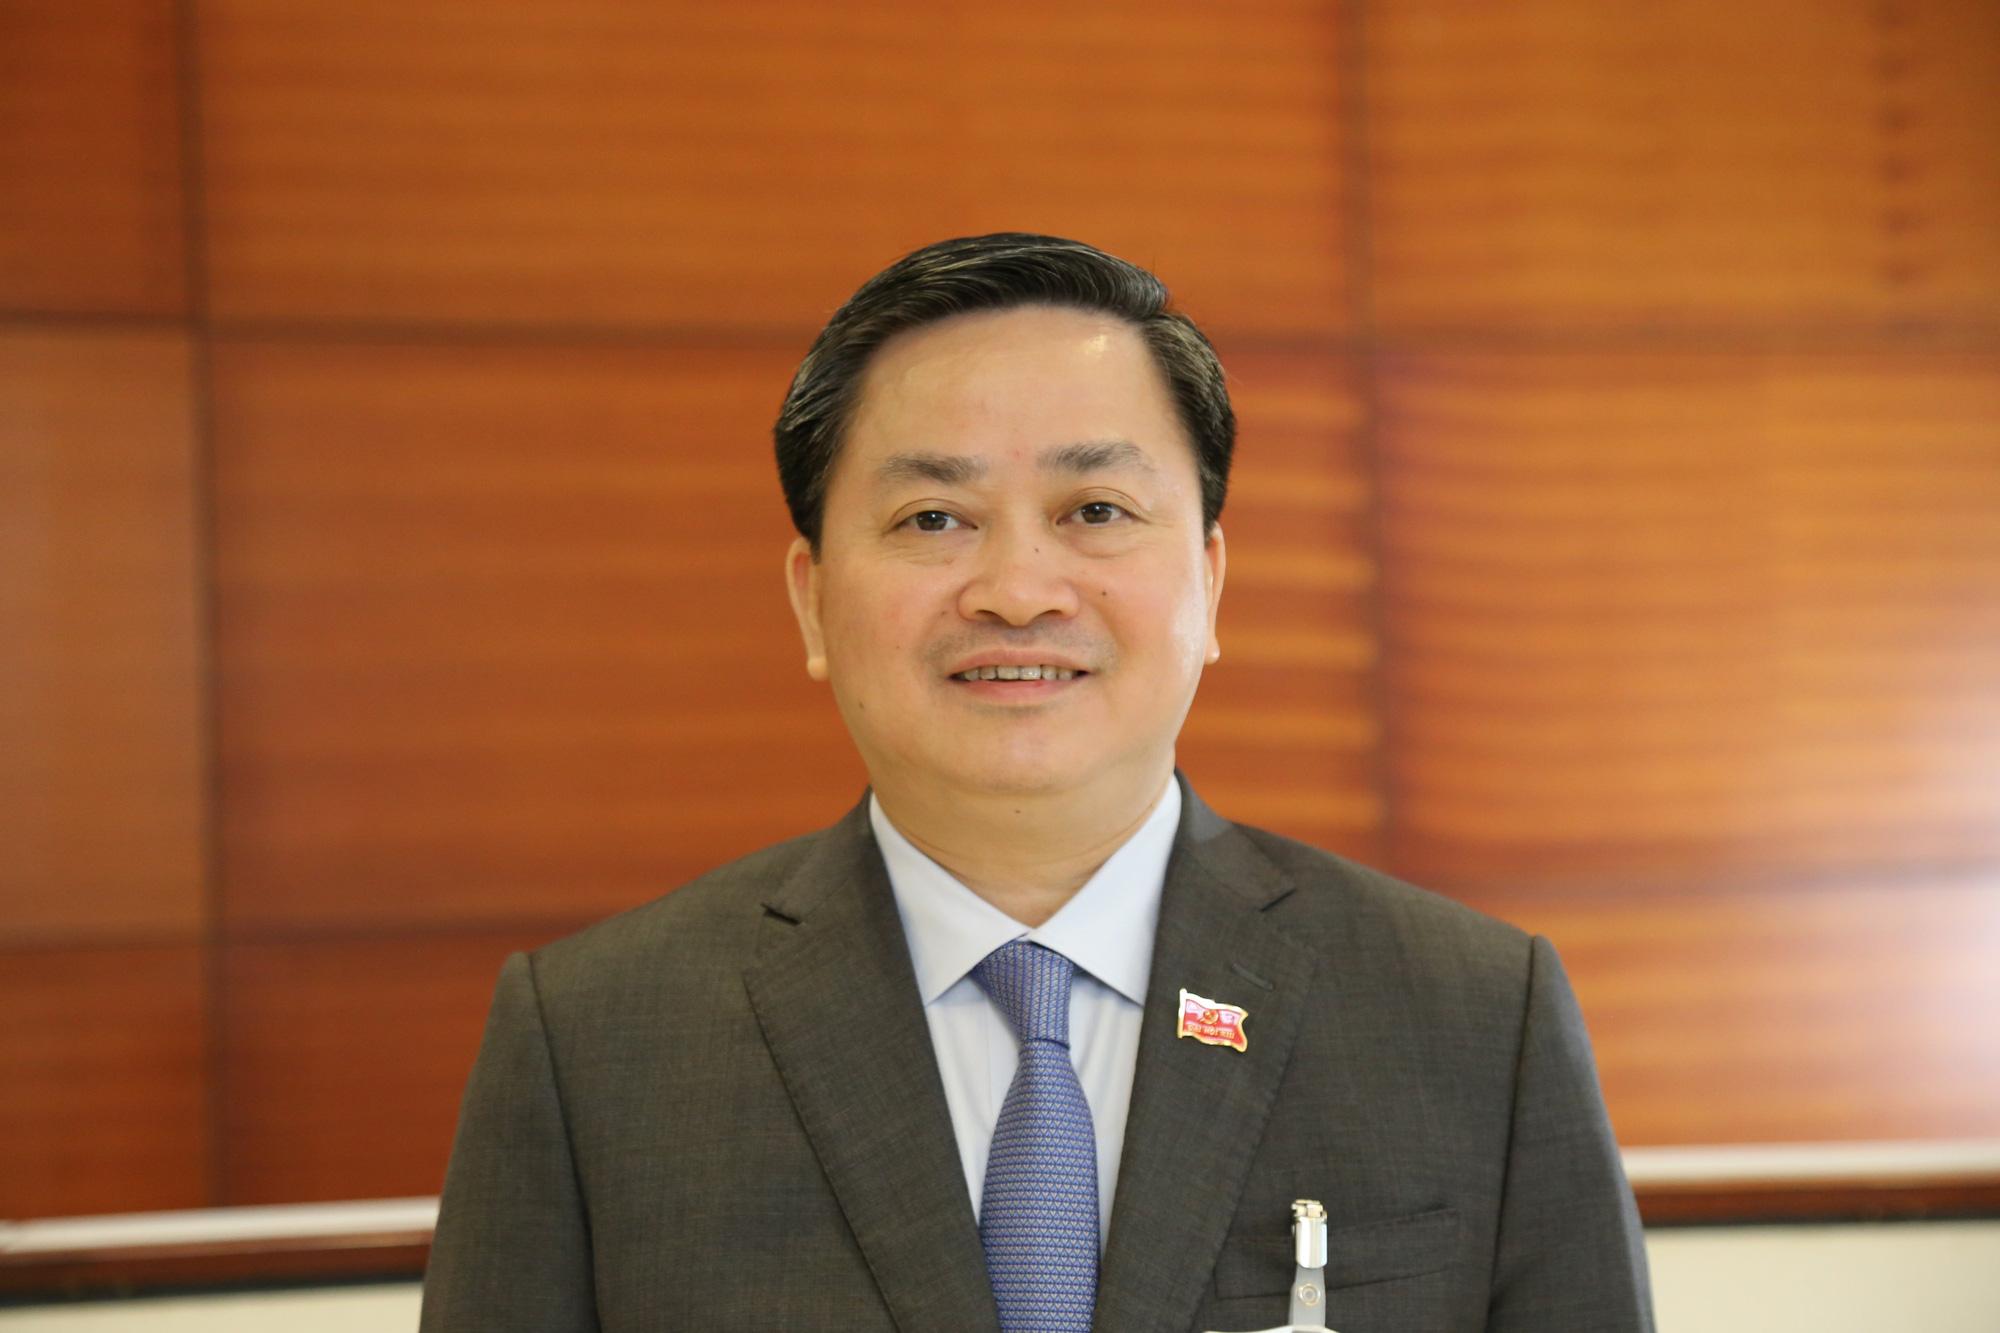 Chủ tịch Vietcombank, VietinBank trúng cử Ban Chấp hành Trung ương khóa XIII - Ảnh 3.